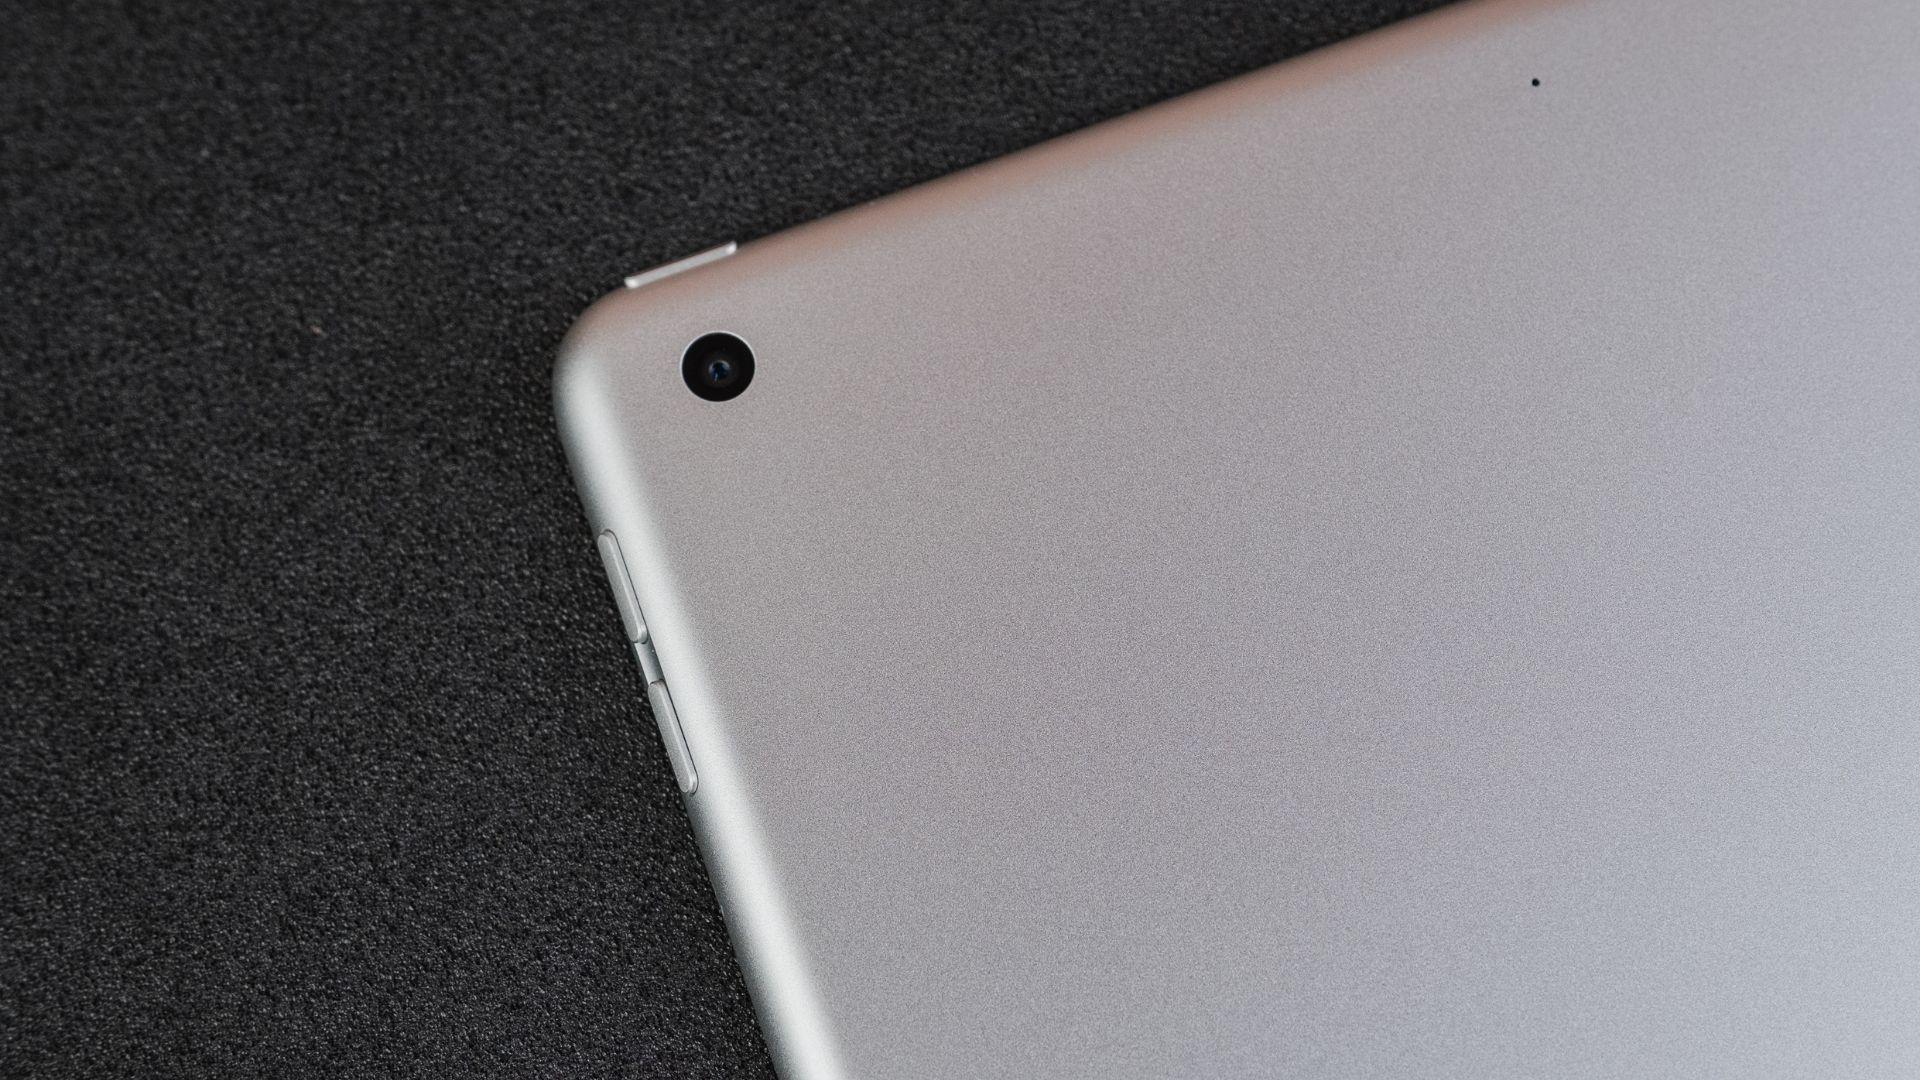 iPad 8ª geração tem câmera traseira discreta de apenas 8 MP (Foto: Zoom)